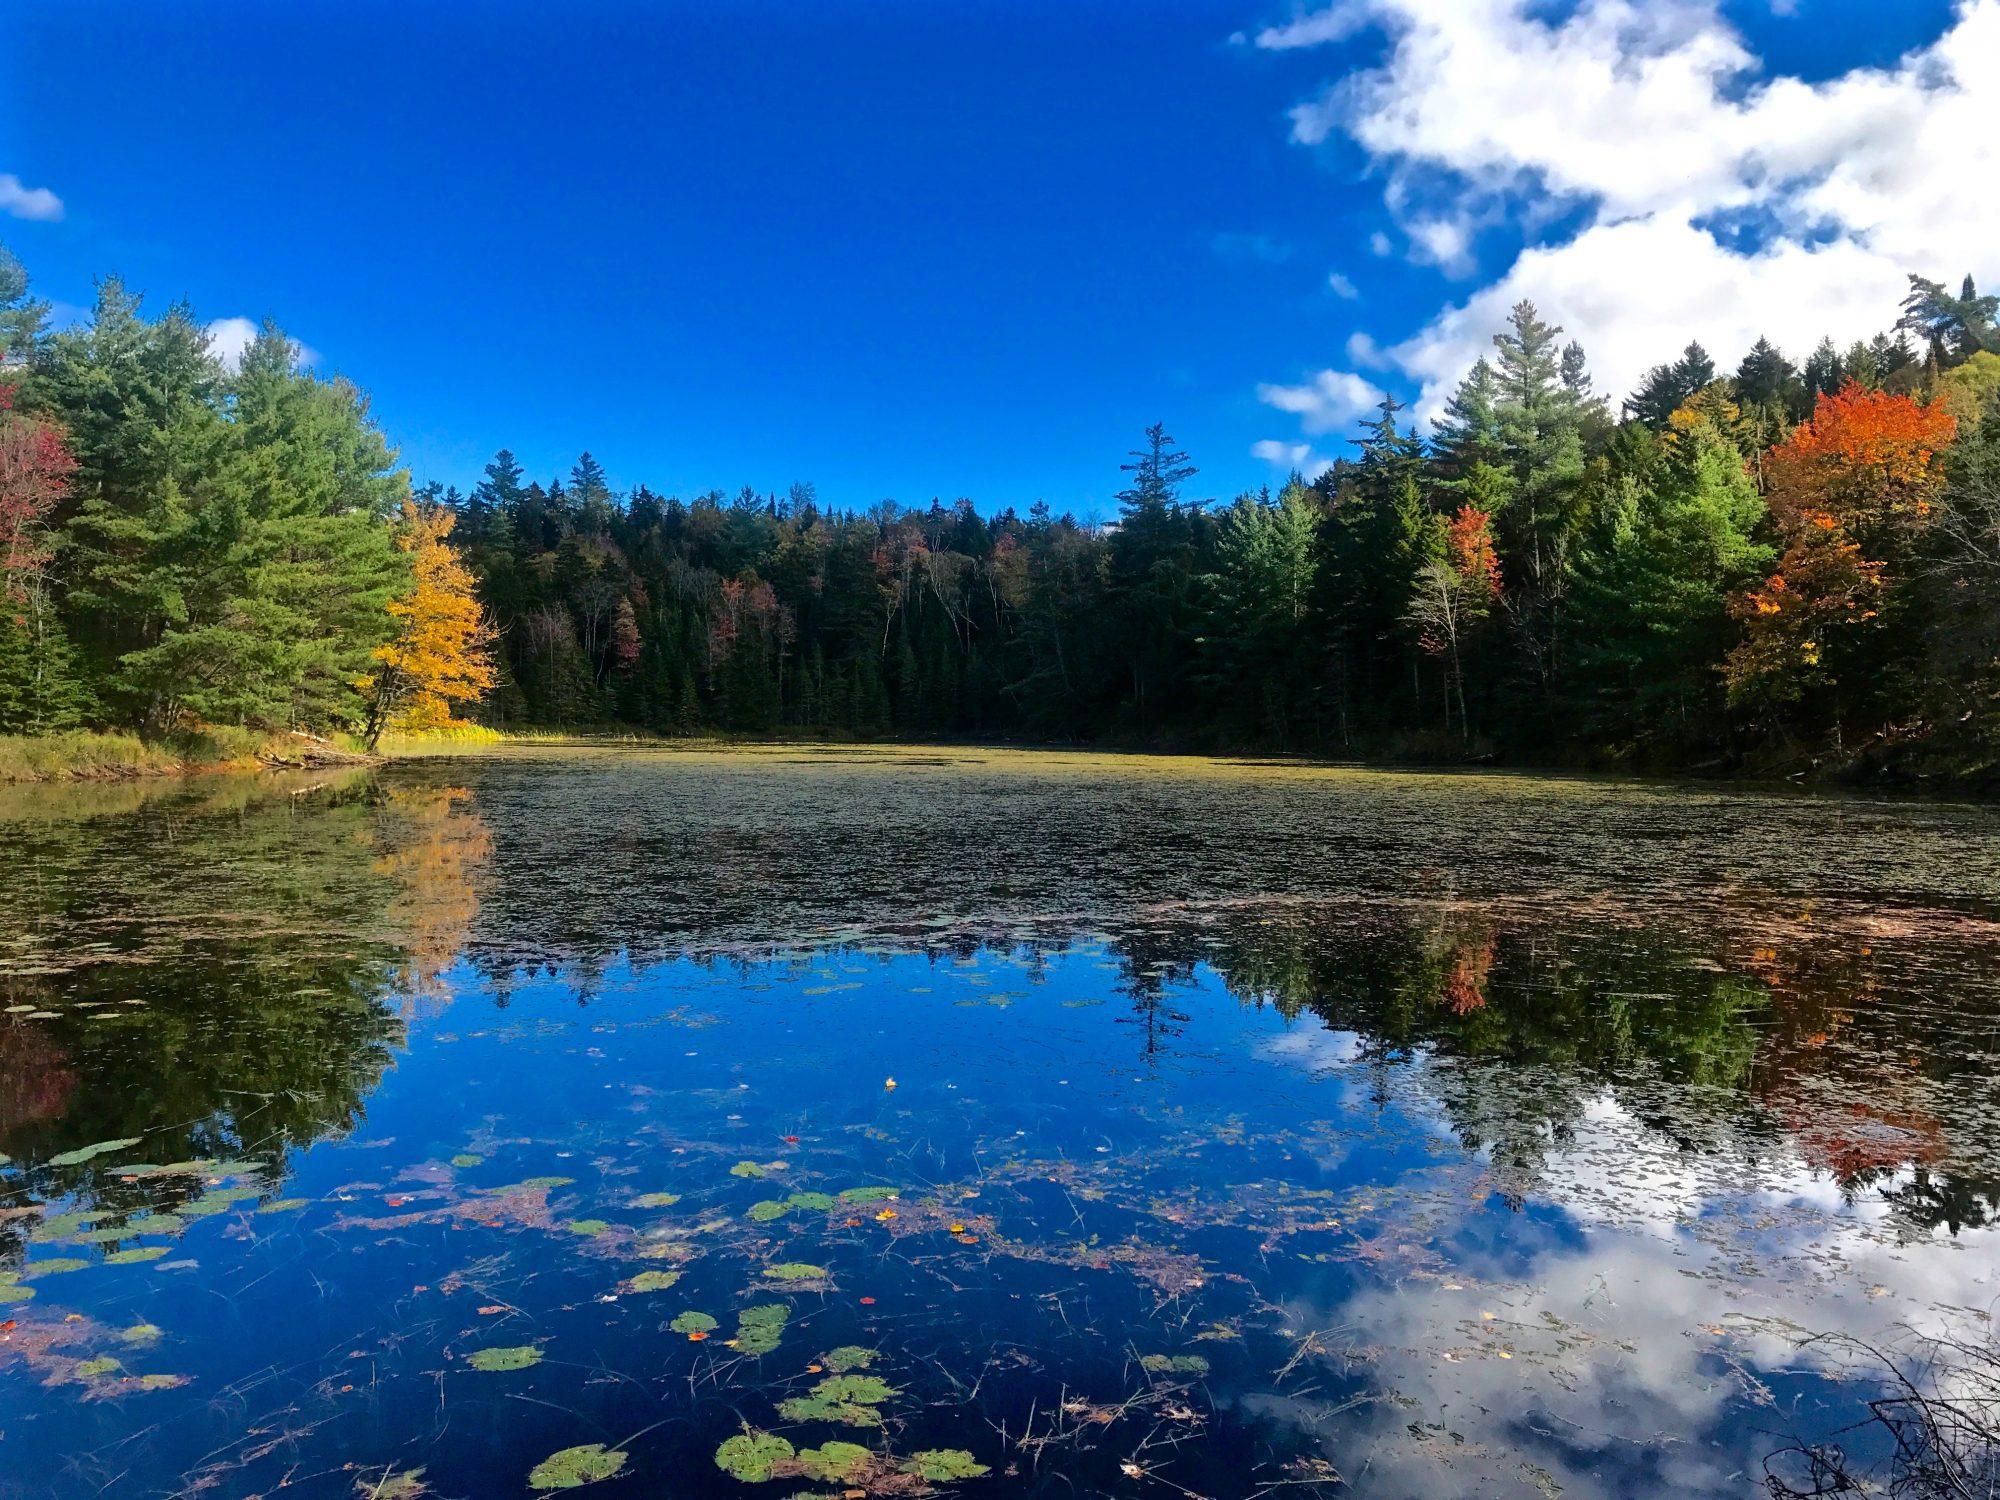 Fall-Pond nice